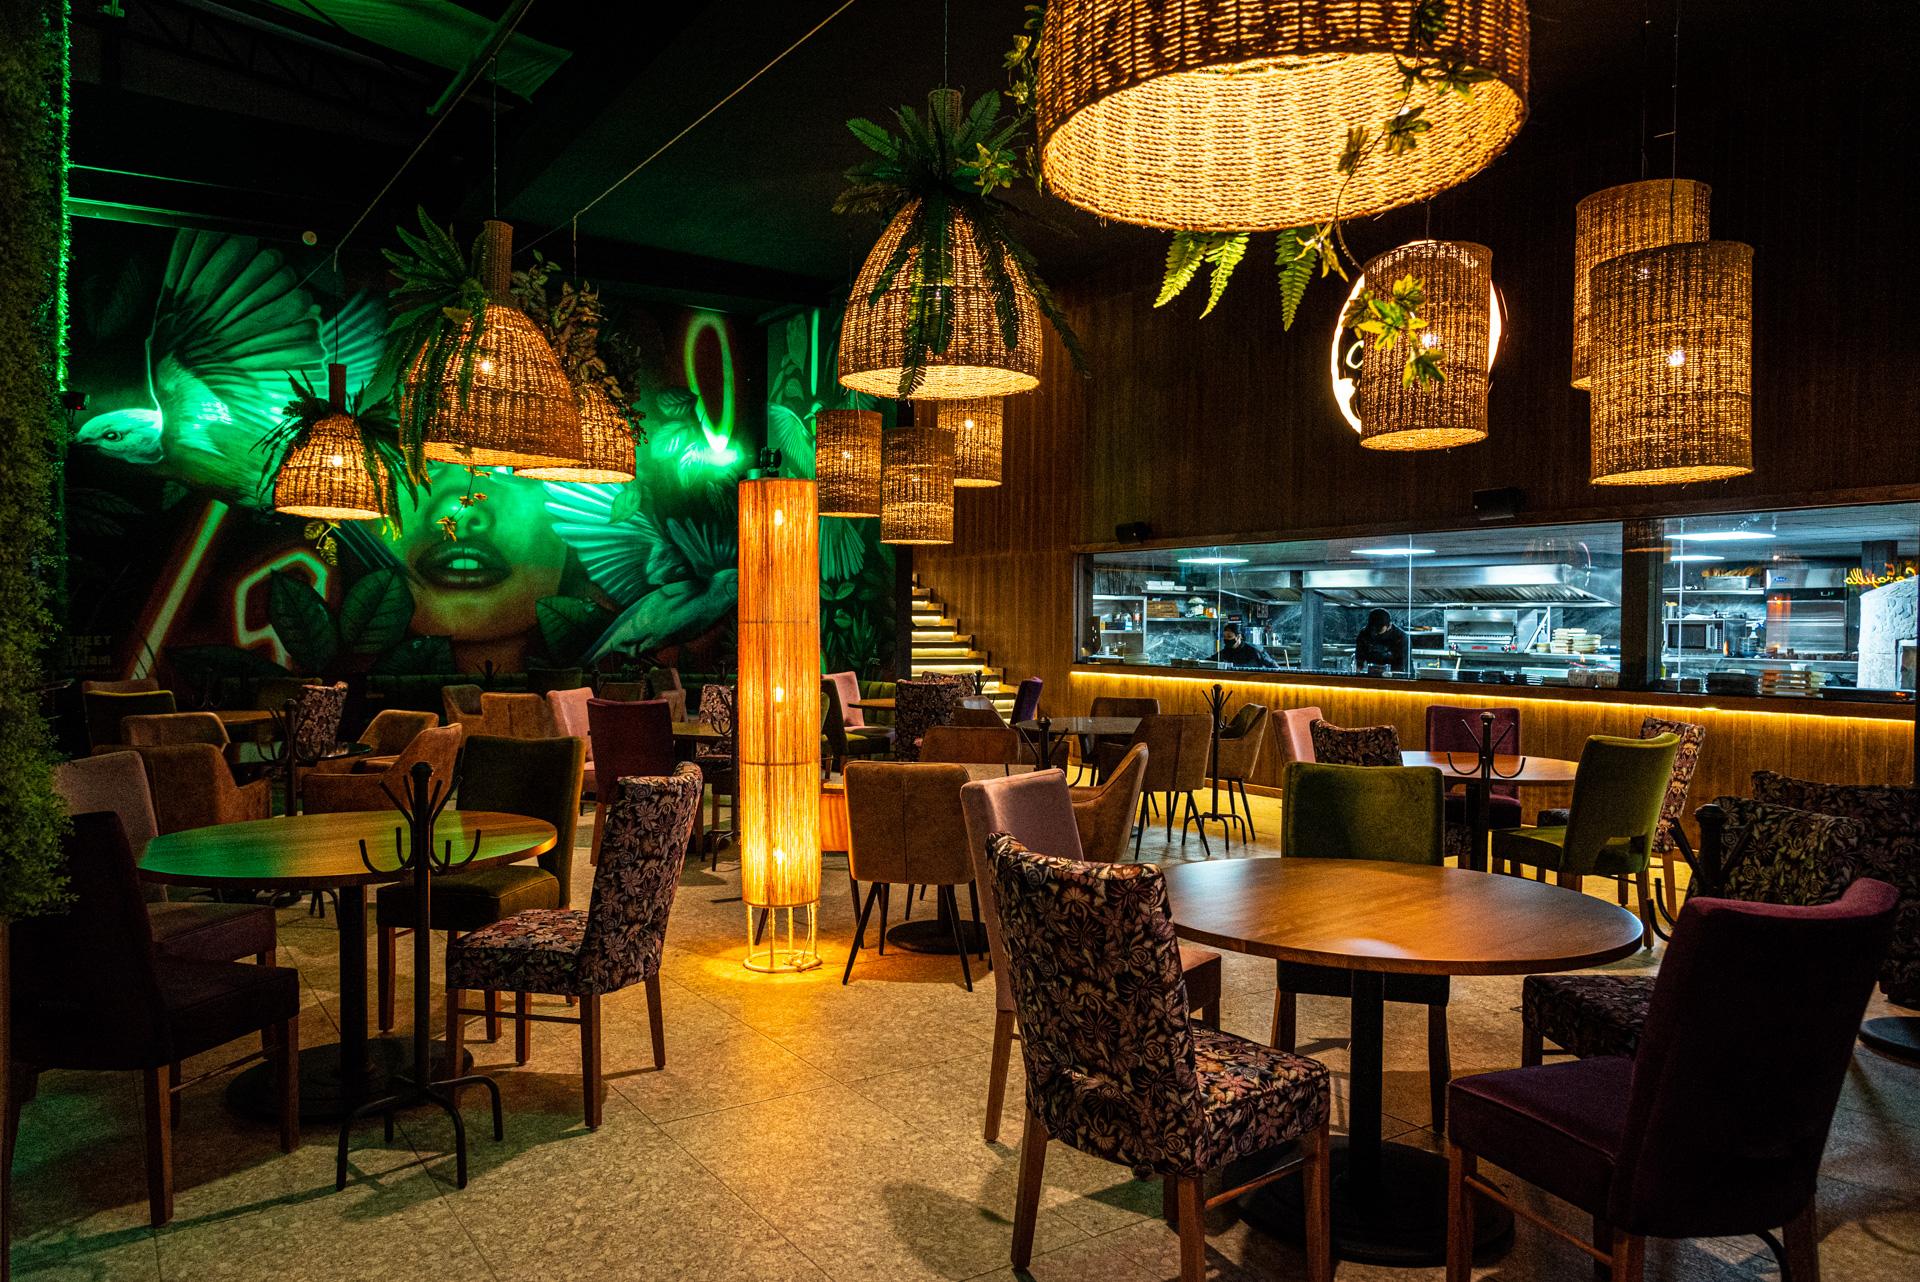 Carajillo_Restaurante